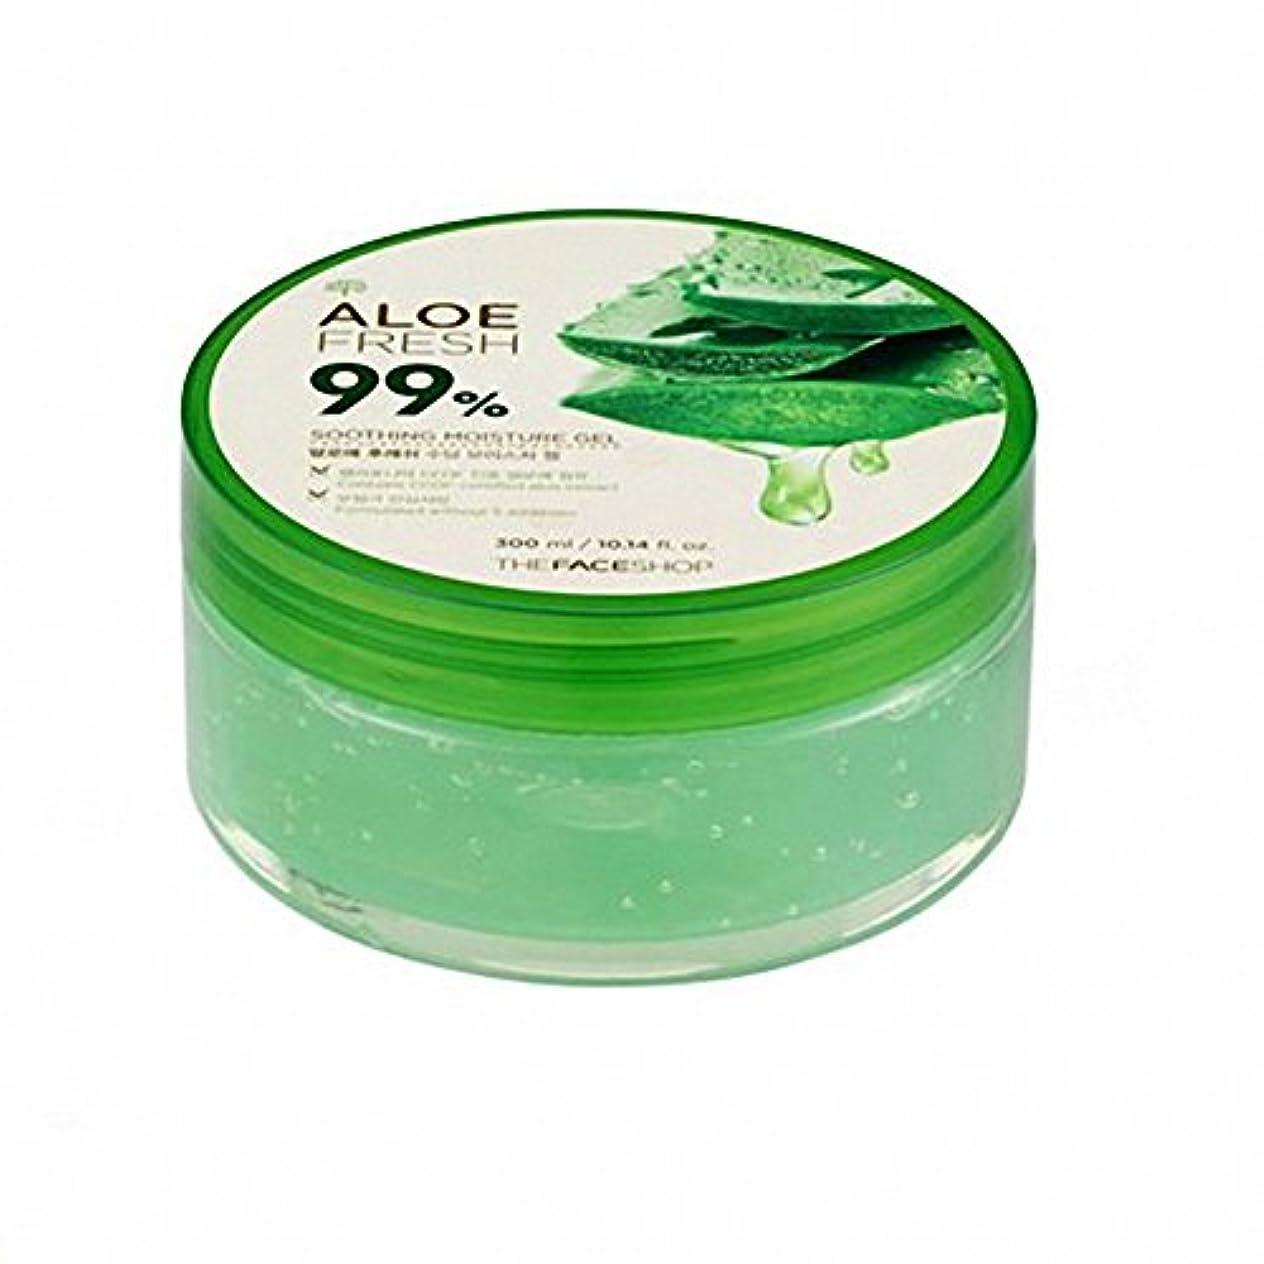 増強する疑問を超えて土曜日ザ·フェイスショップ The Face Shopアロエフレッシュスージングモイスチャージェル(300ml) The Face Shop Aloe Fresh Soothing Moisture Gel 300ml [海外直送品]